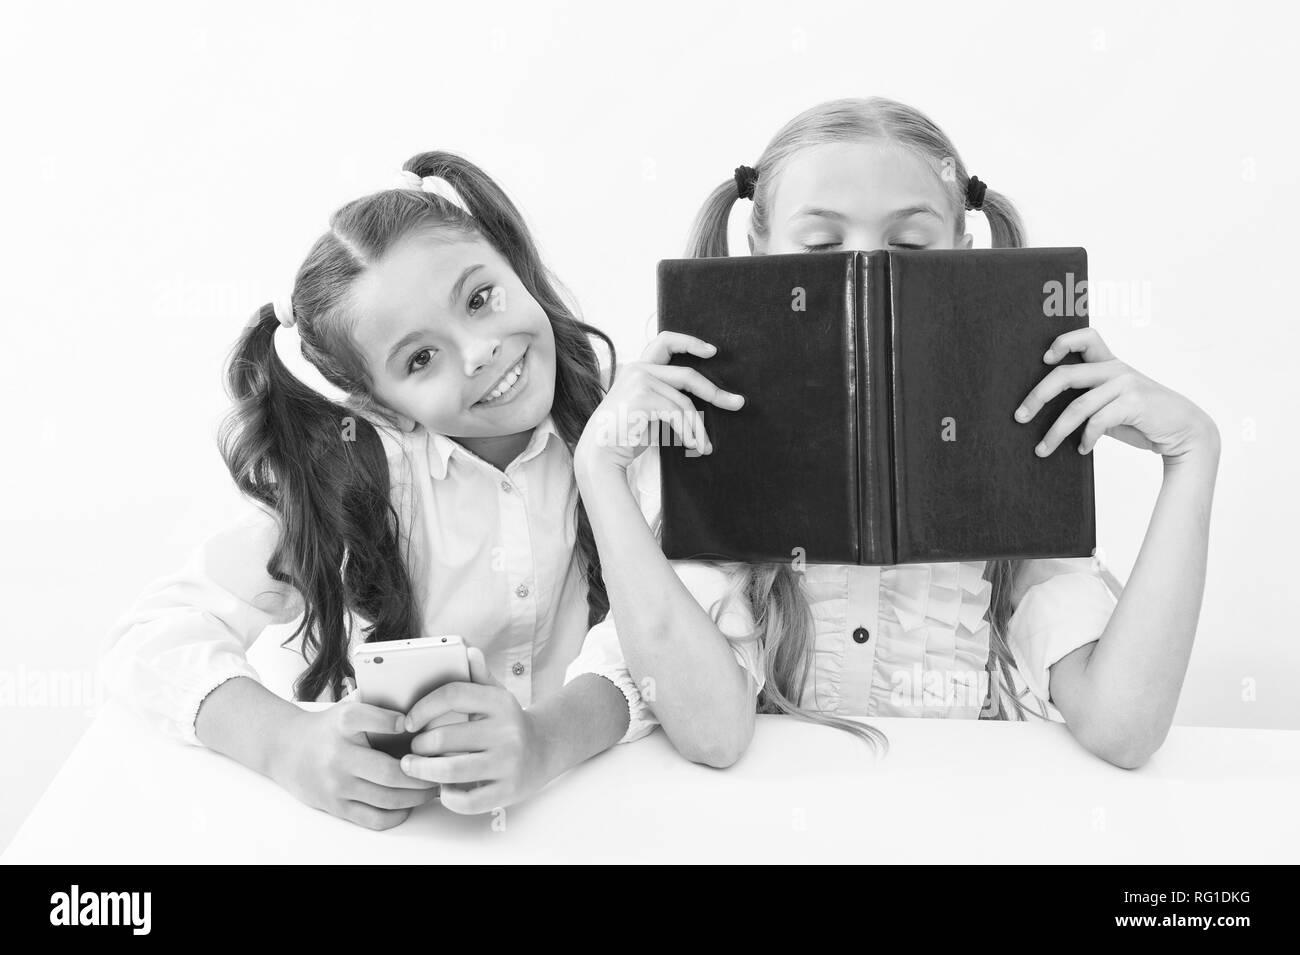 Contra la vieja escuela moderna. Colegiala mantenga teléfono móvil smartphone moderno mientras su amiga disfrute de libro viejo como almacenamiento de datos analógicos. Tecnología contra la experiencia. Nueva generación de demandas educativas. Foto de stock